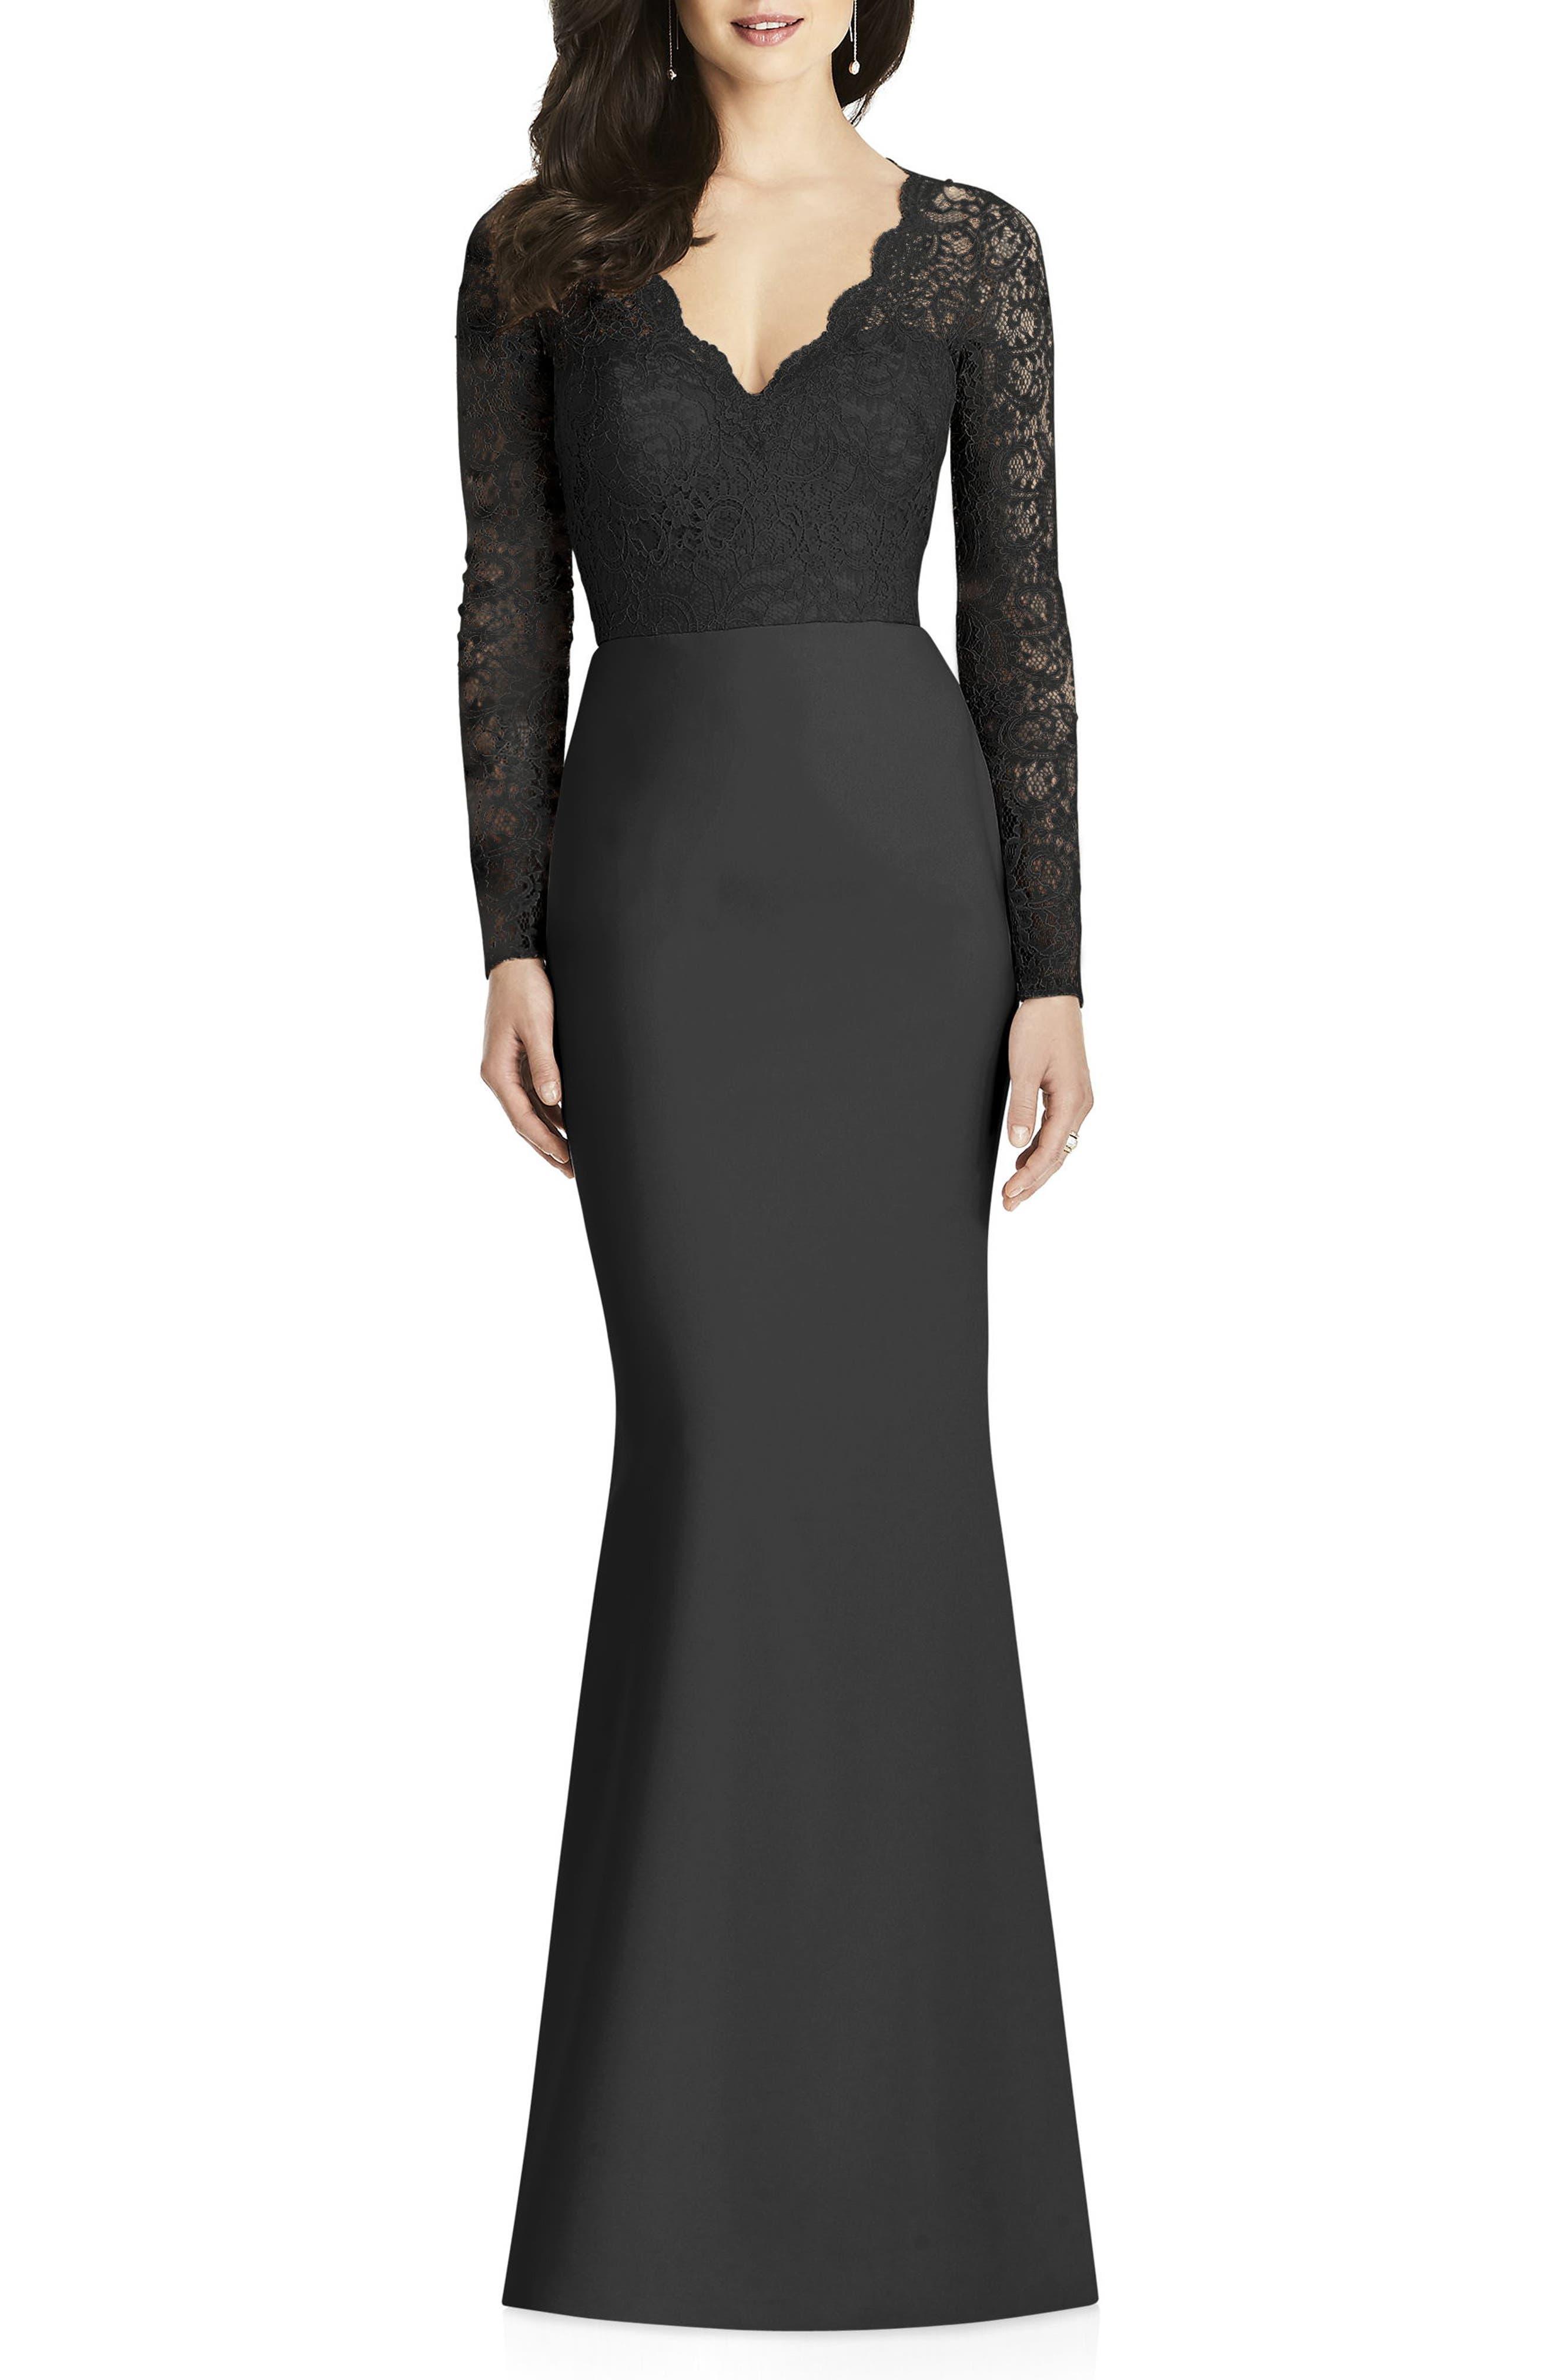 0d0161852167 Women's Long Sleeve Dresses | Nordstrom